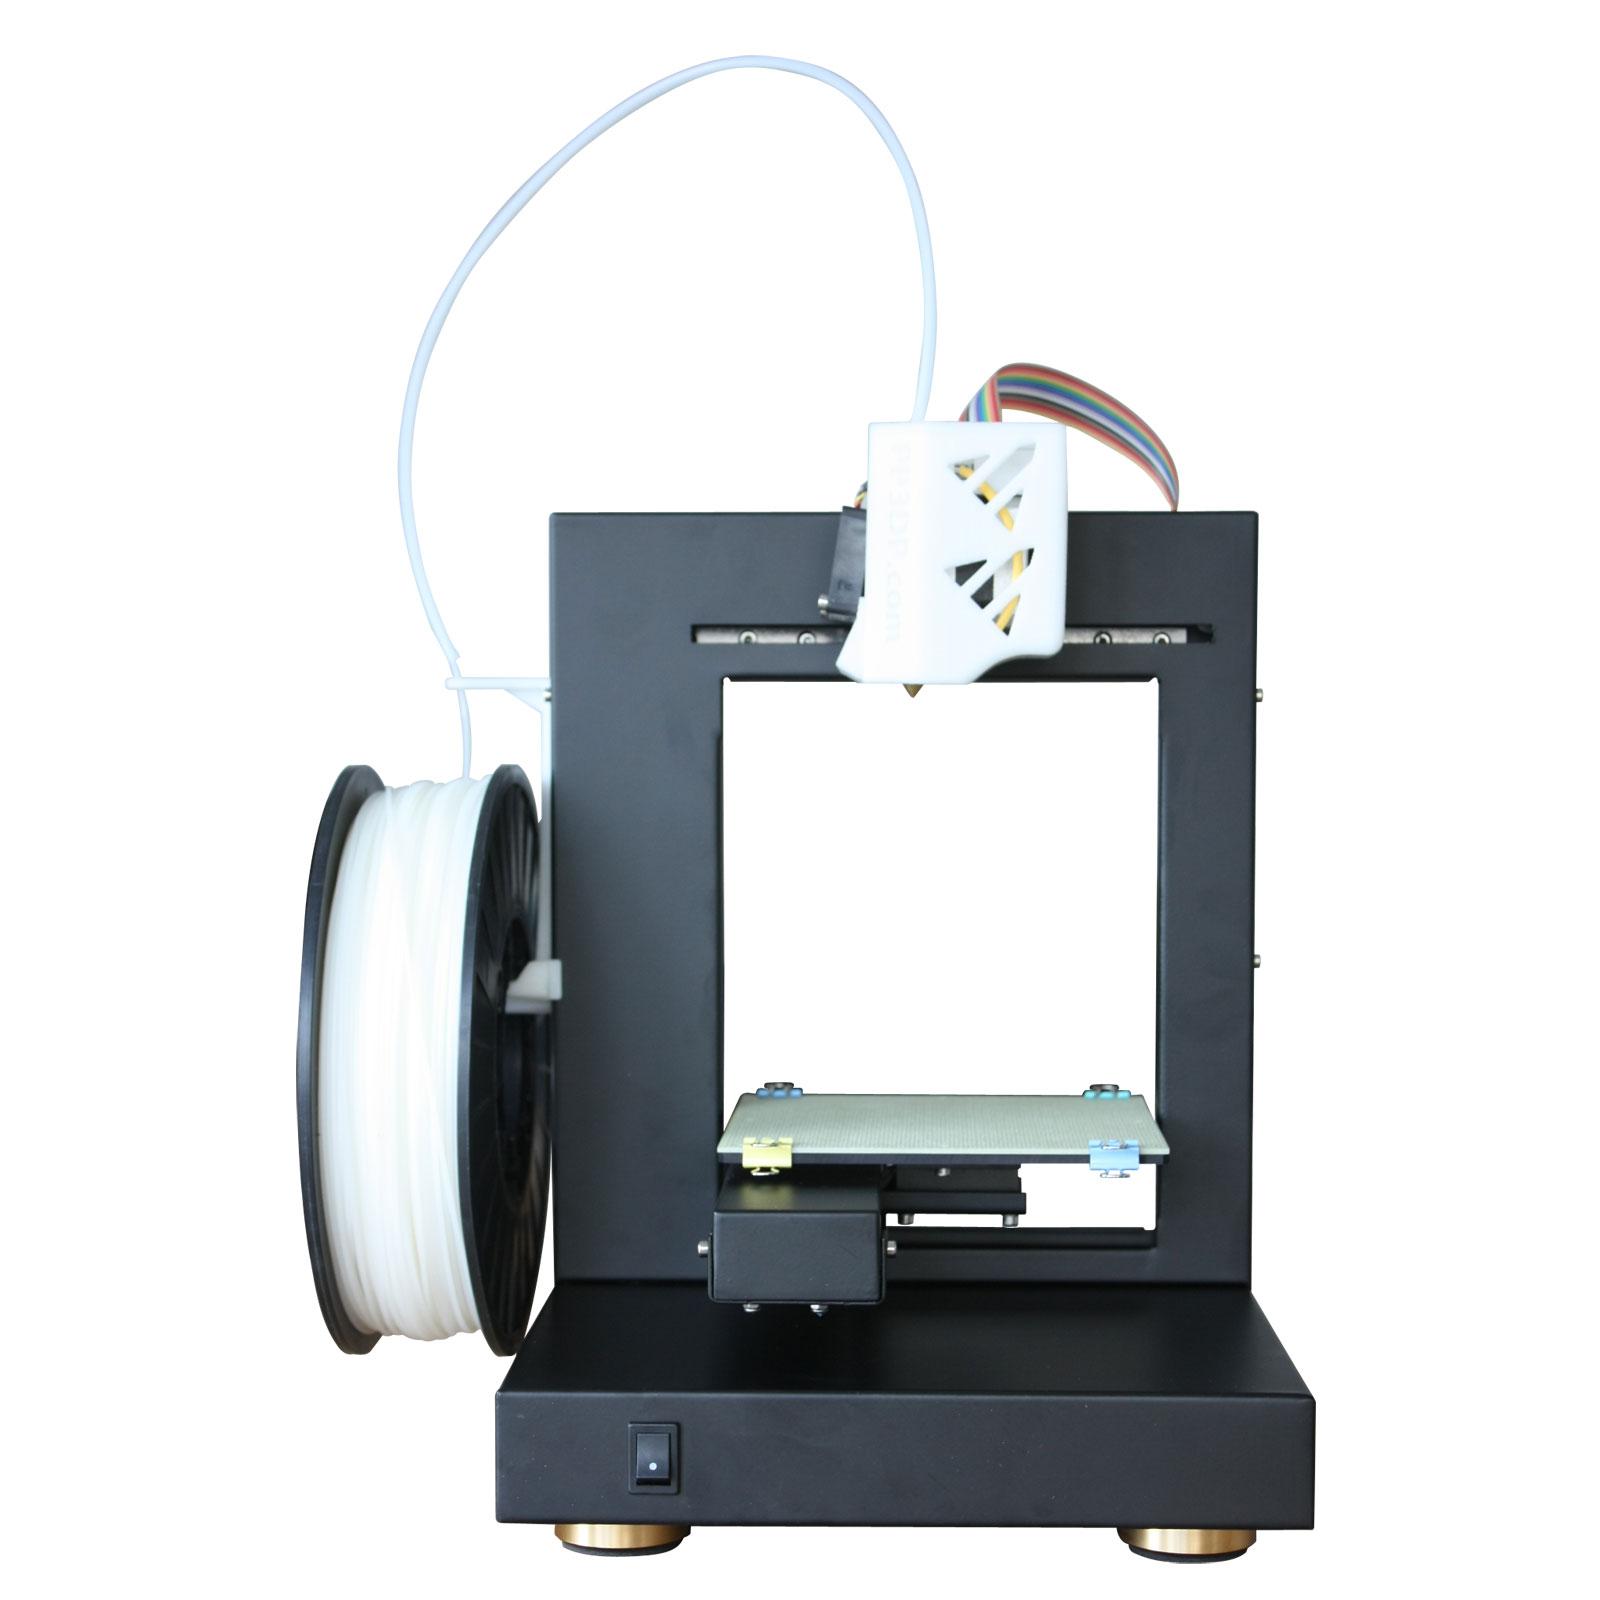 pp3dp up plus 2 noir imprimante 3d pp3dp sur. Black Bedroom Furniture Sets. Home Design Ideas